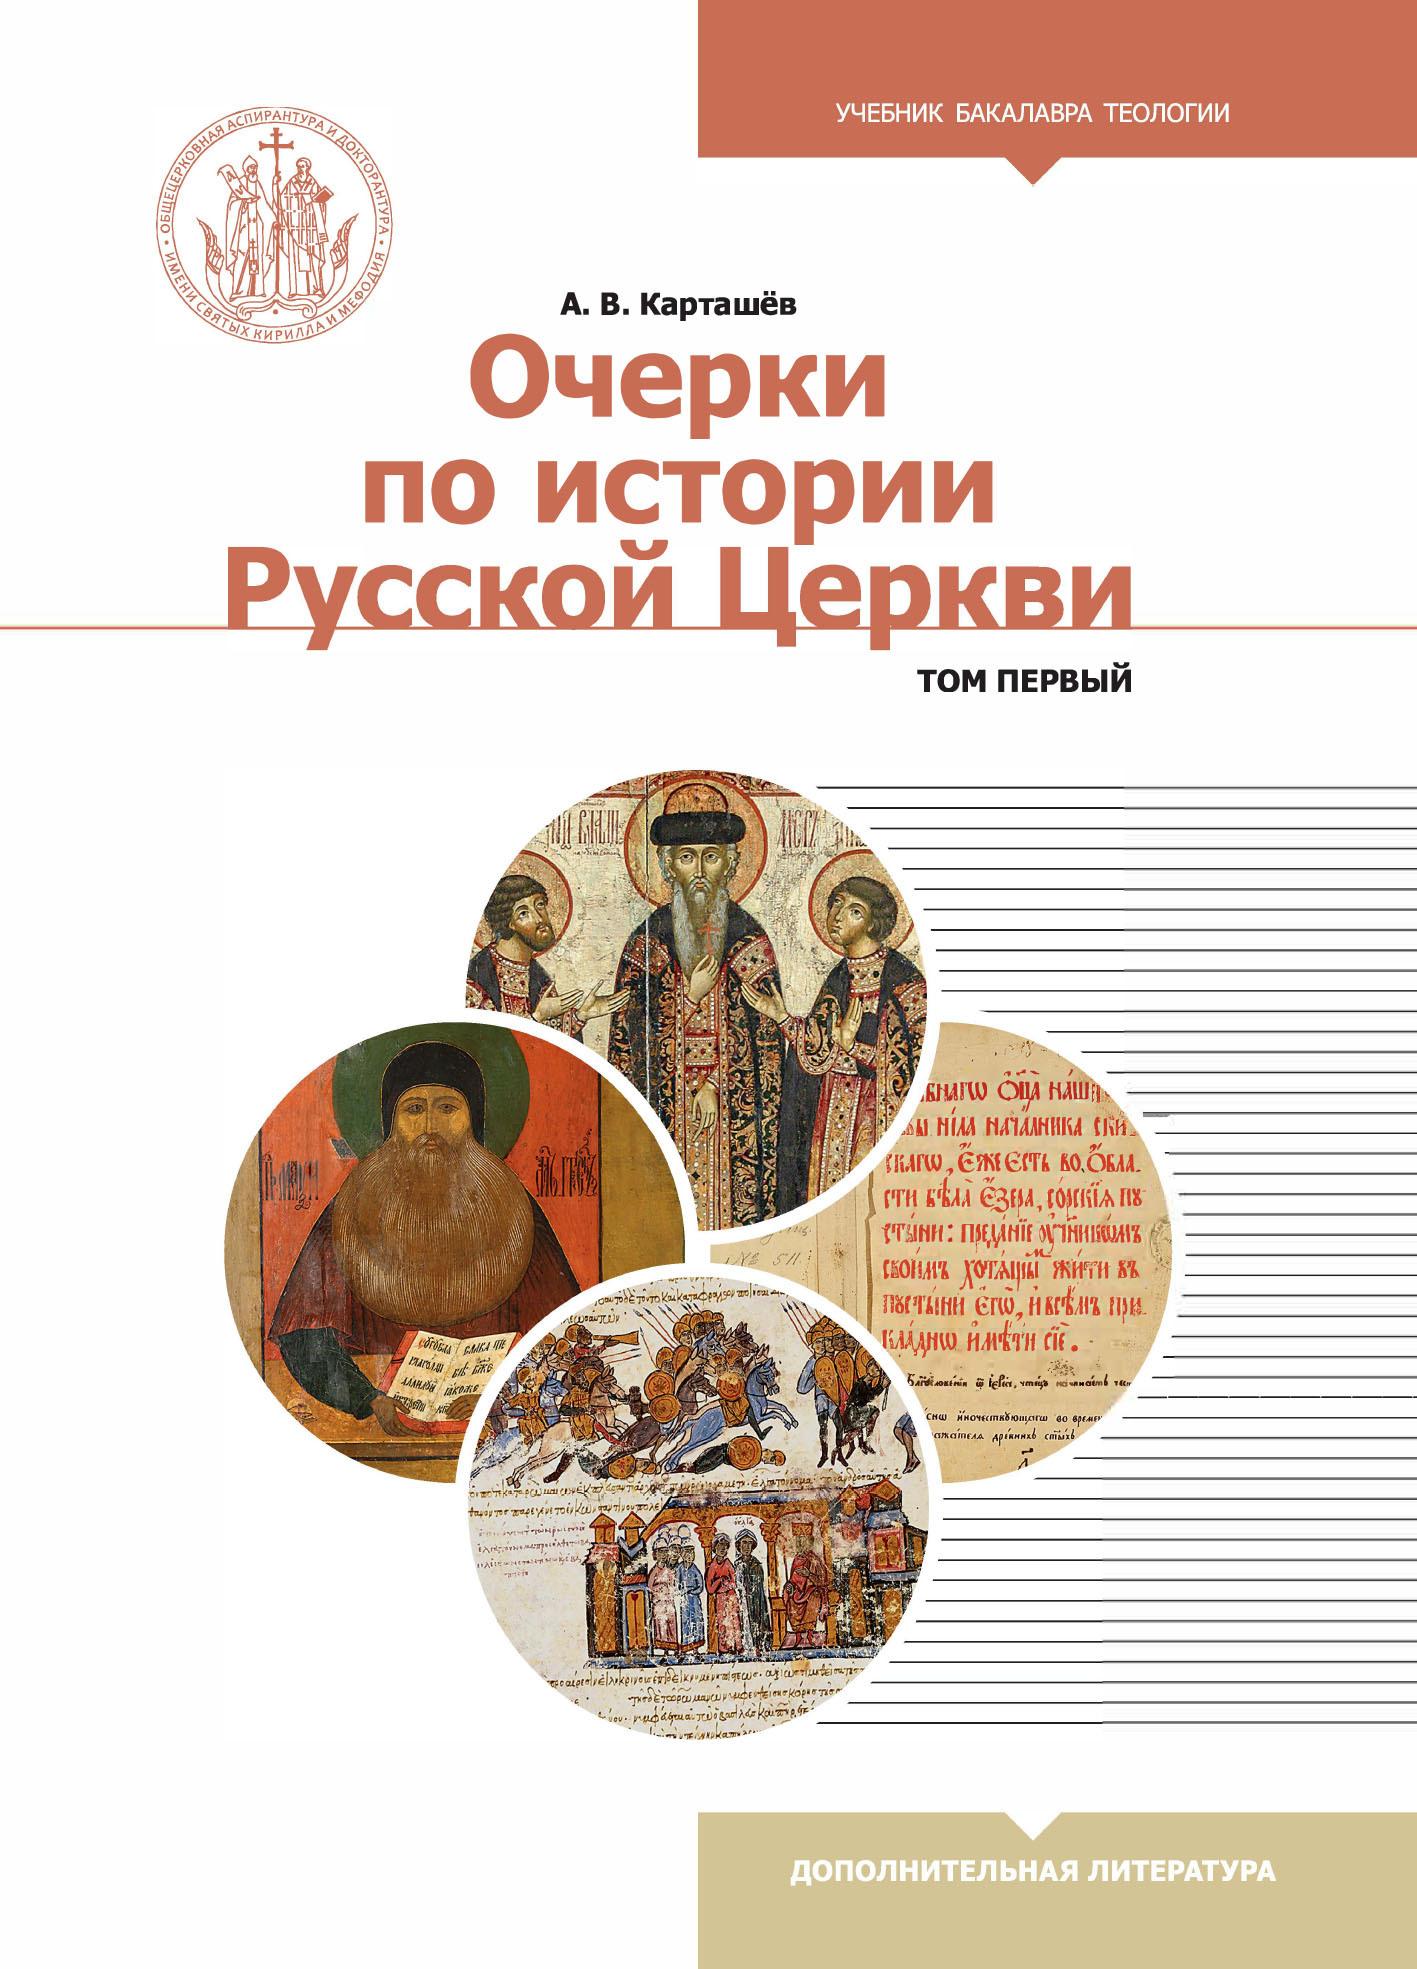 Очерки по истории Русской Церкви. В 2-х томах